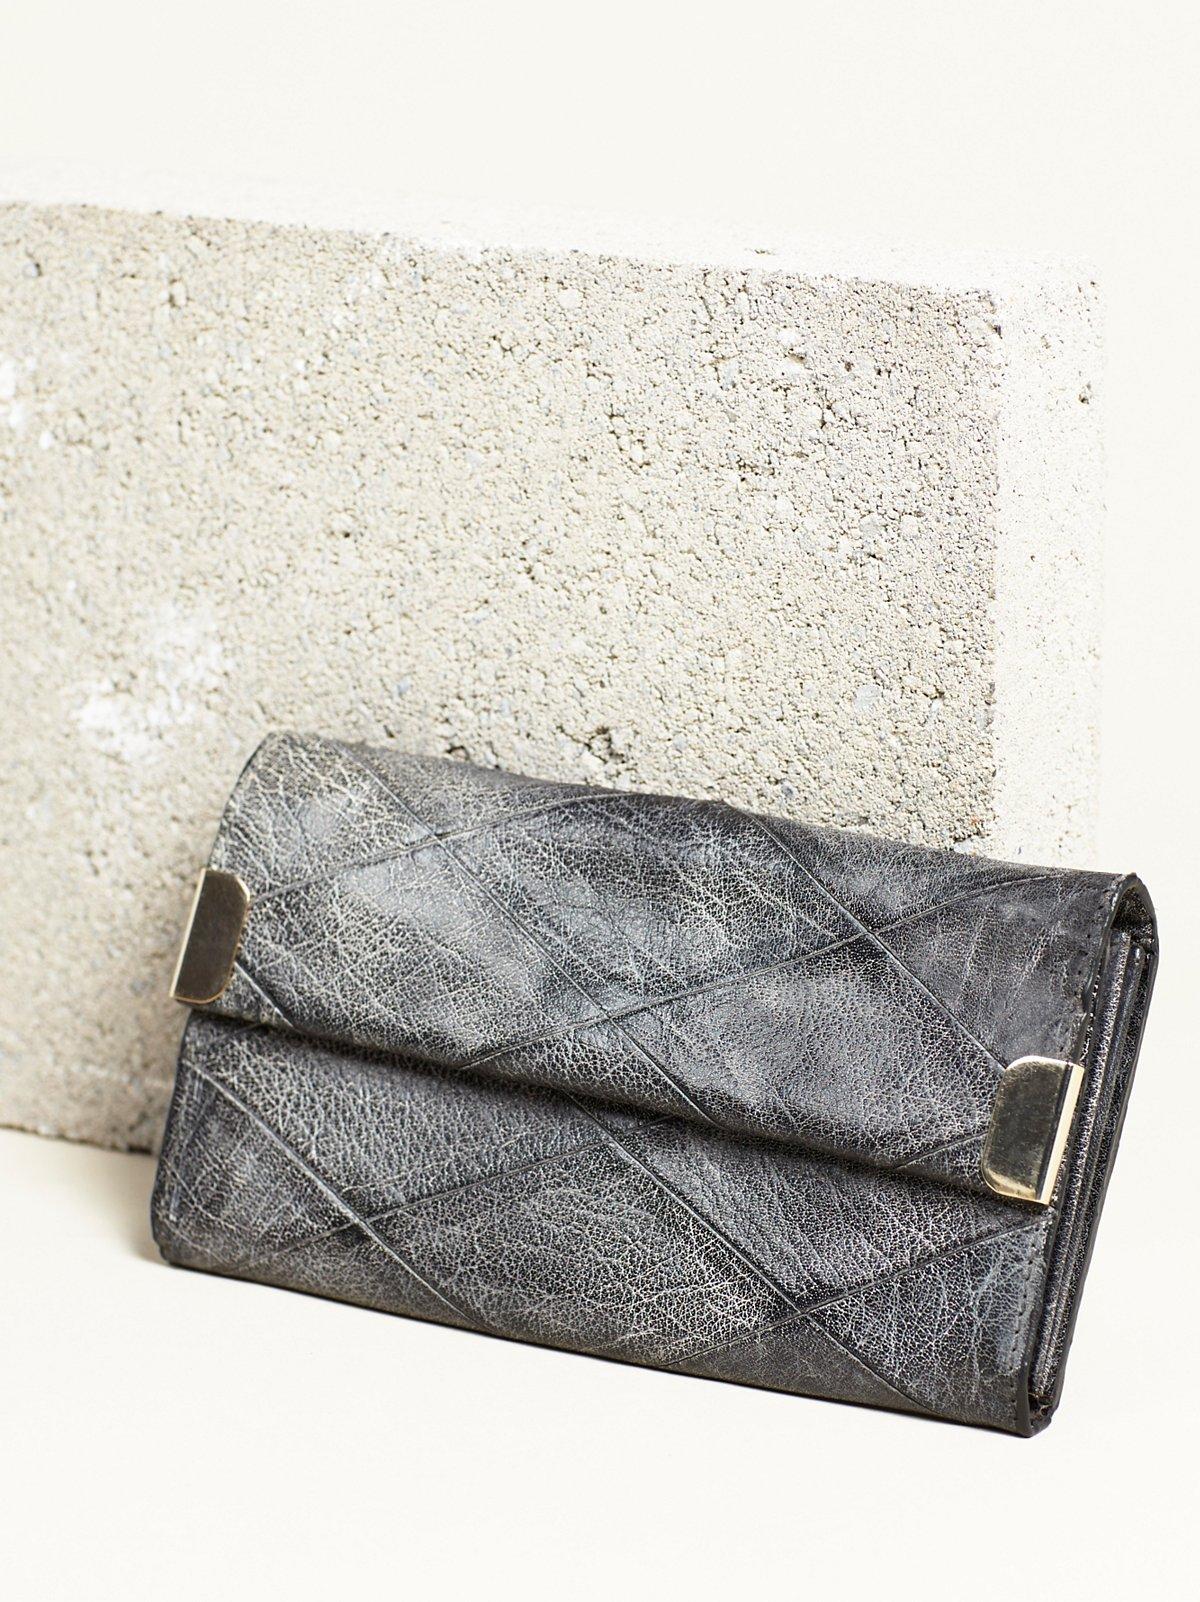 Lafayette Wallet